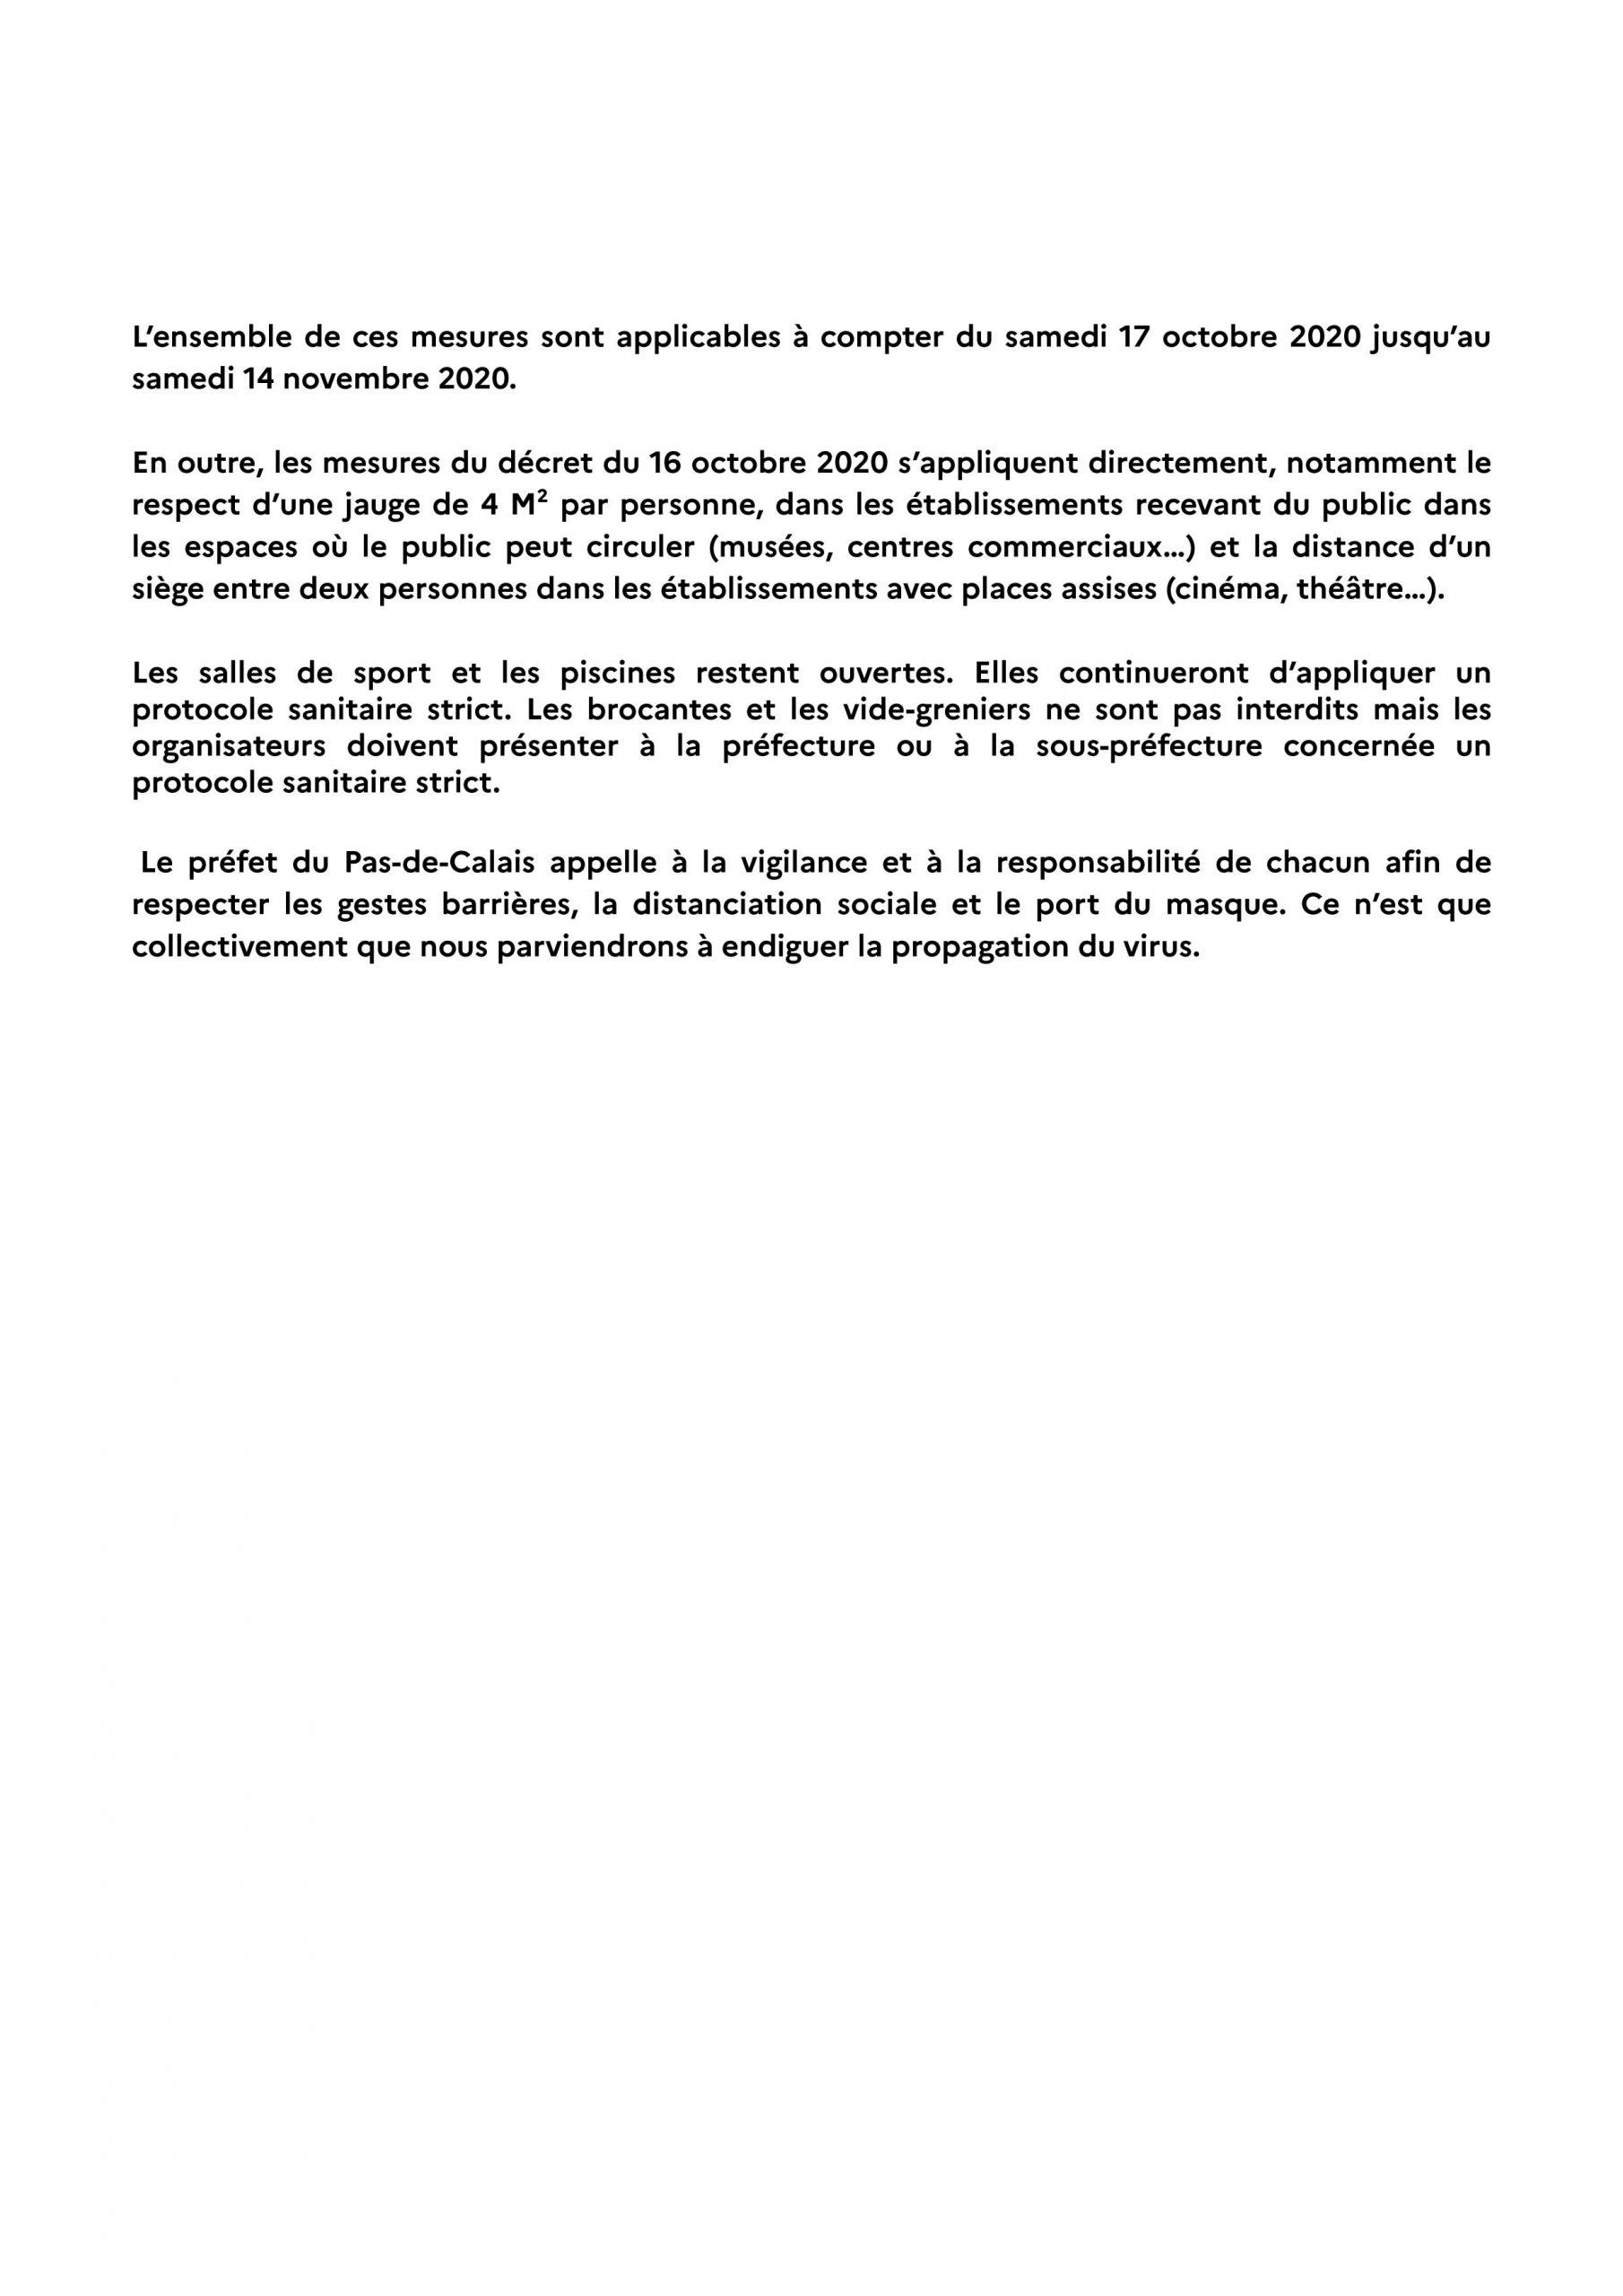 Communique_de_presse_du_17_octobre_2020-_Renforcement_des_mesures_sanitaires_1-3